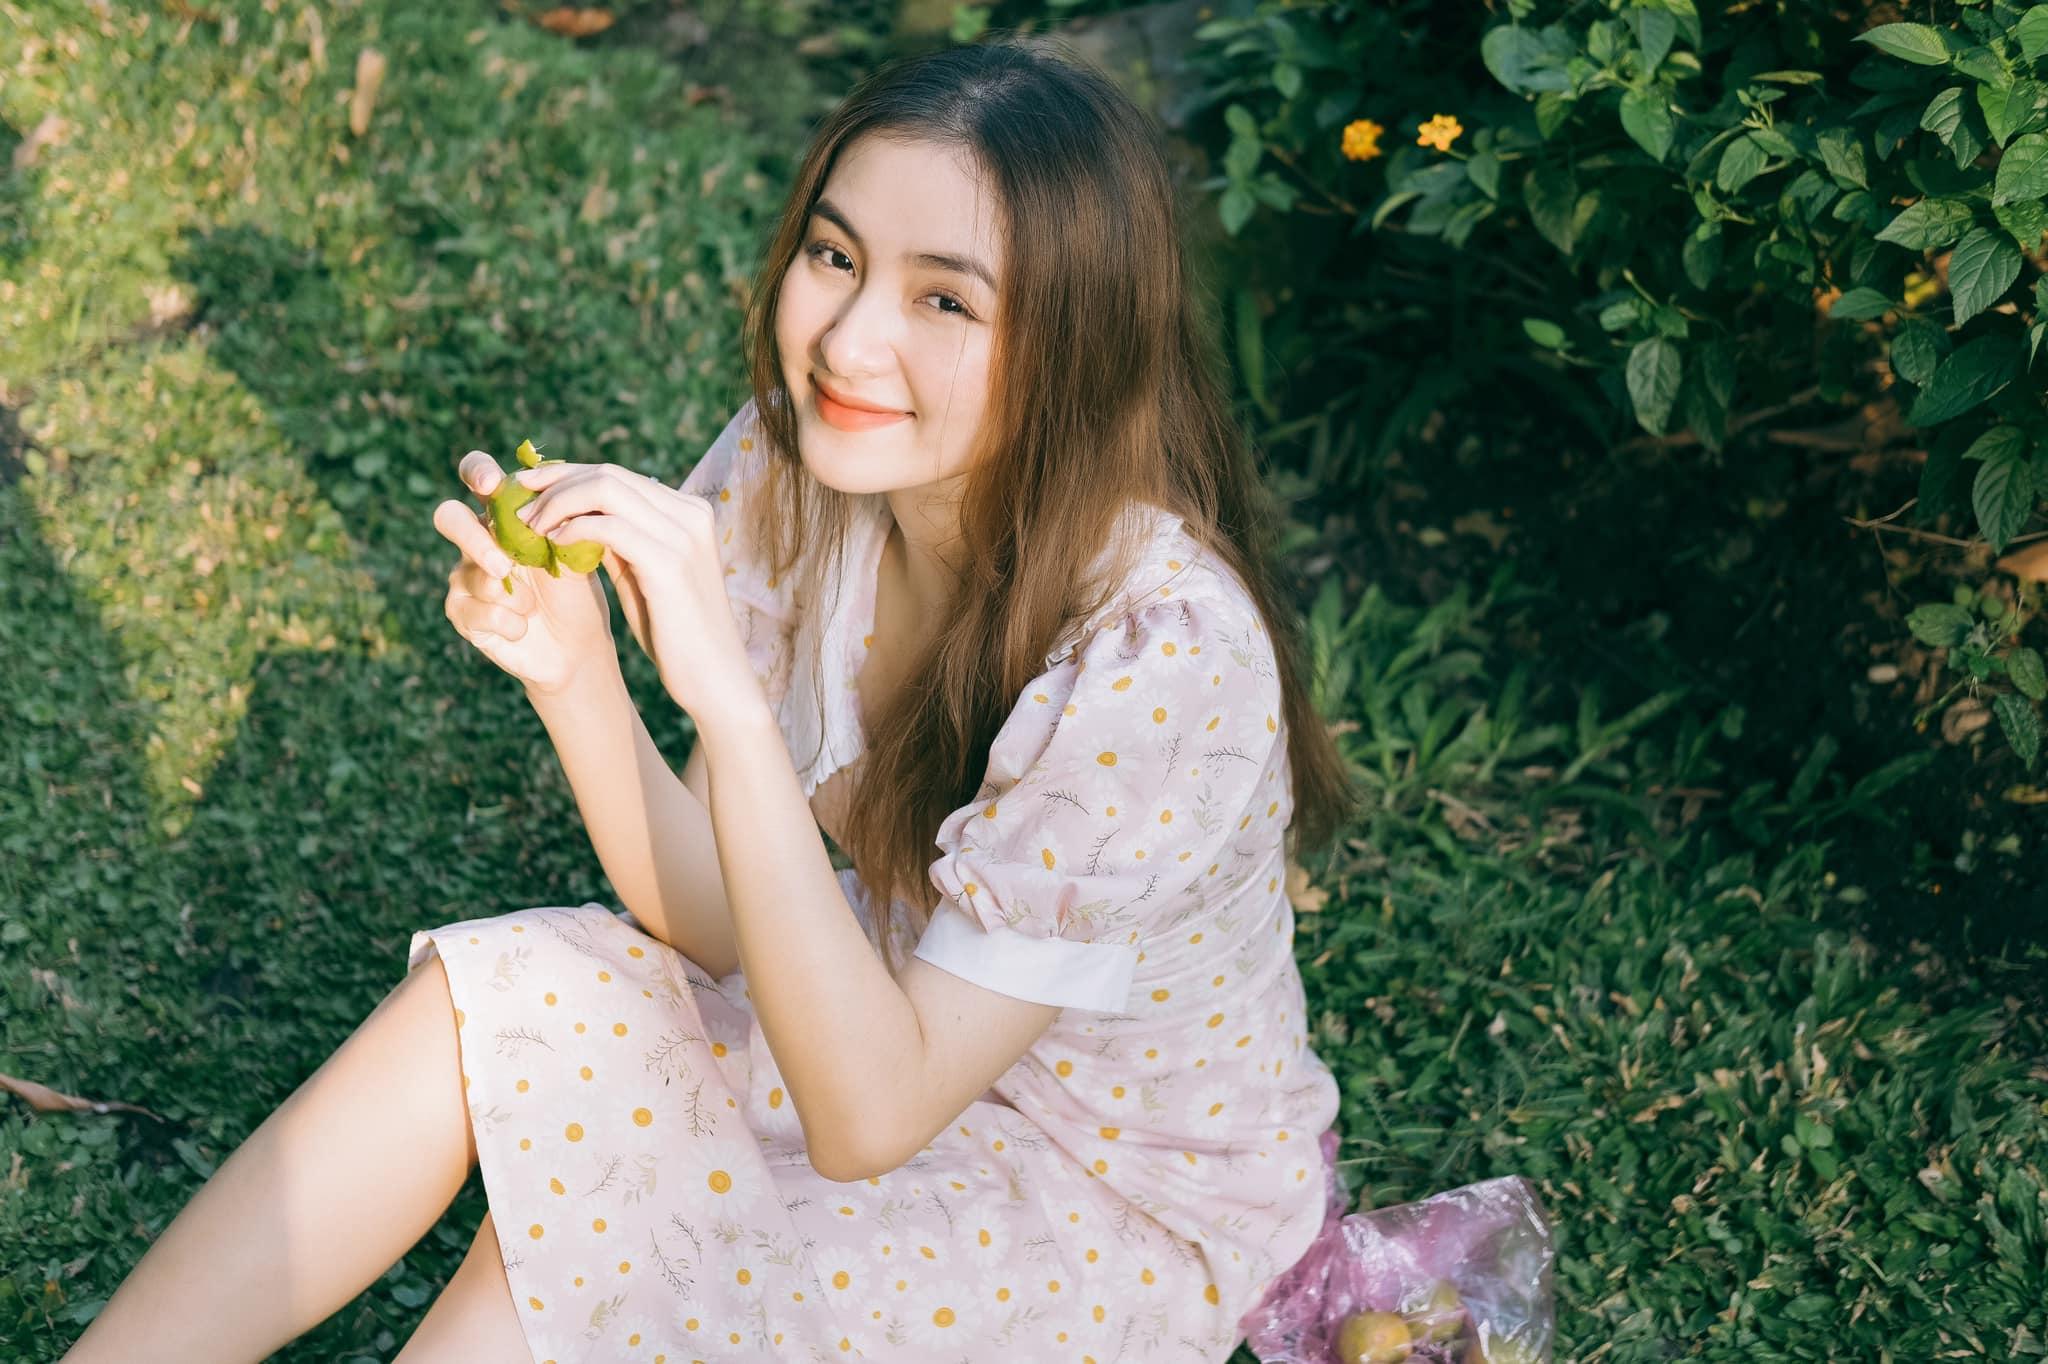 """Nữ sinh Tiền Giang """"gây bão tranh cãi"""" vì quá xinh đẹp, được dự đoán làm hoa hậu - 9"""